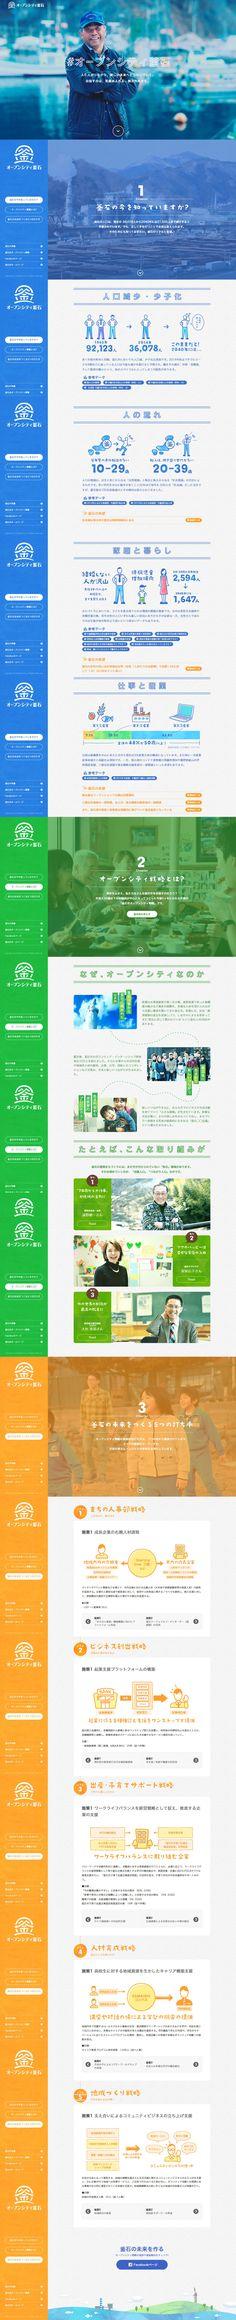 http://kamaishi.webcrow.jp/